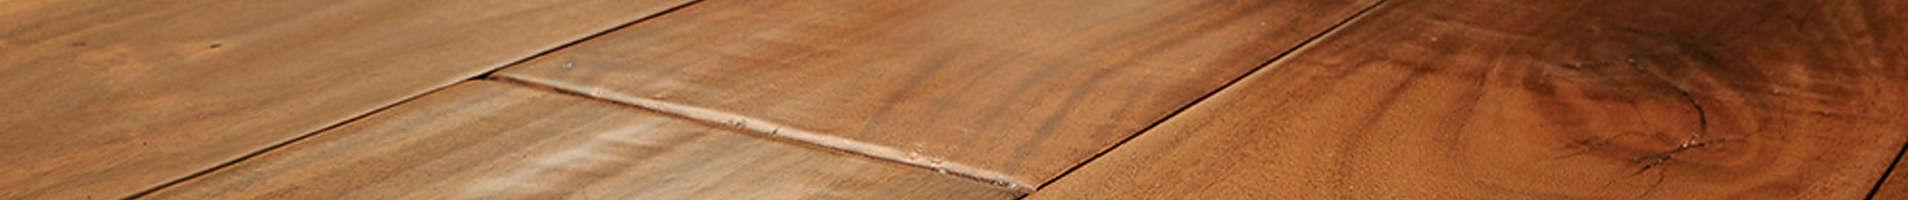 hardwood-flooring-philadelphia-slider-3